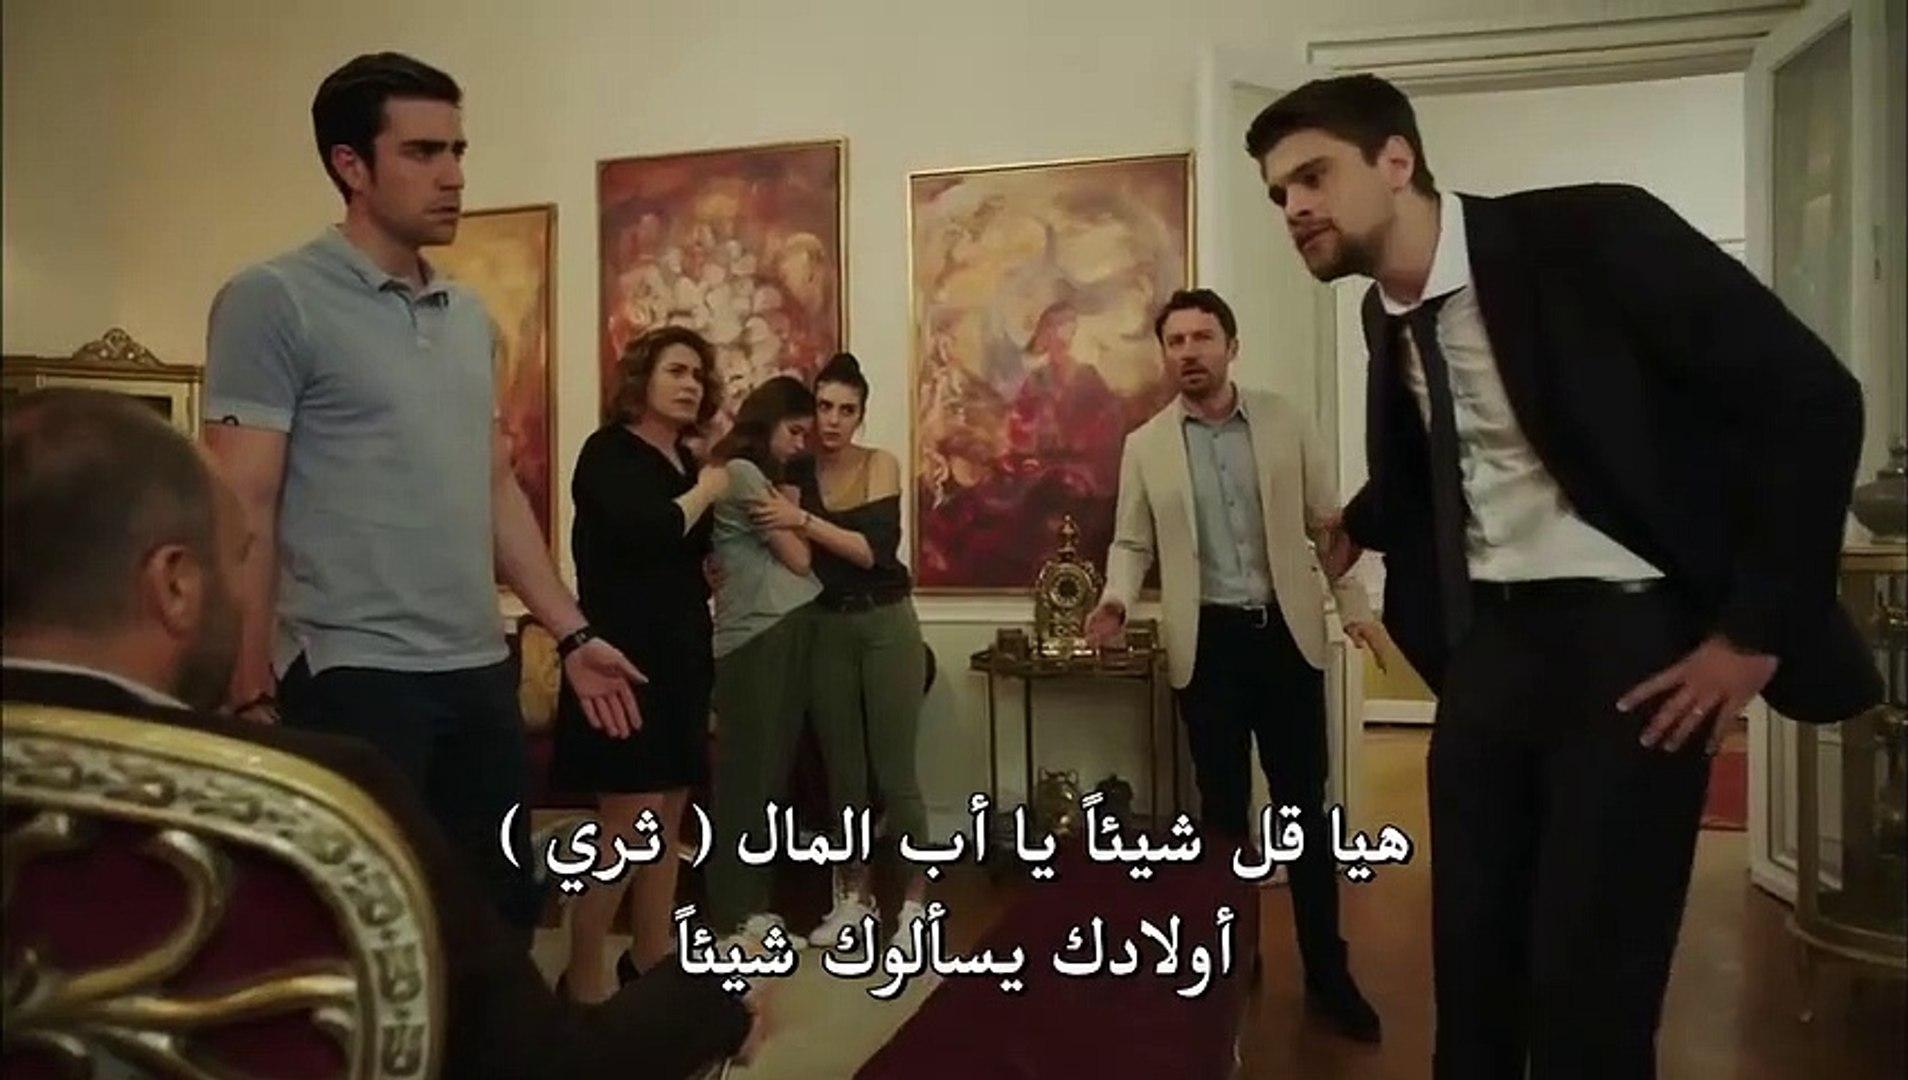 مسلسل فضيلة وبناتها الحلقة 49 كاملة مترجمة للعربية Part 2 - video  dailymotion